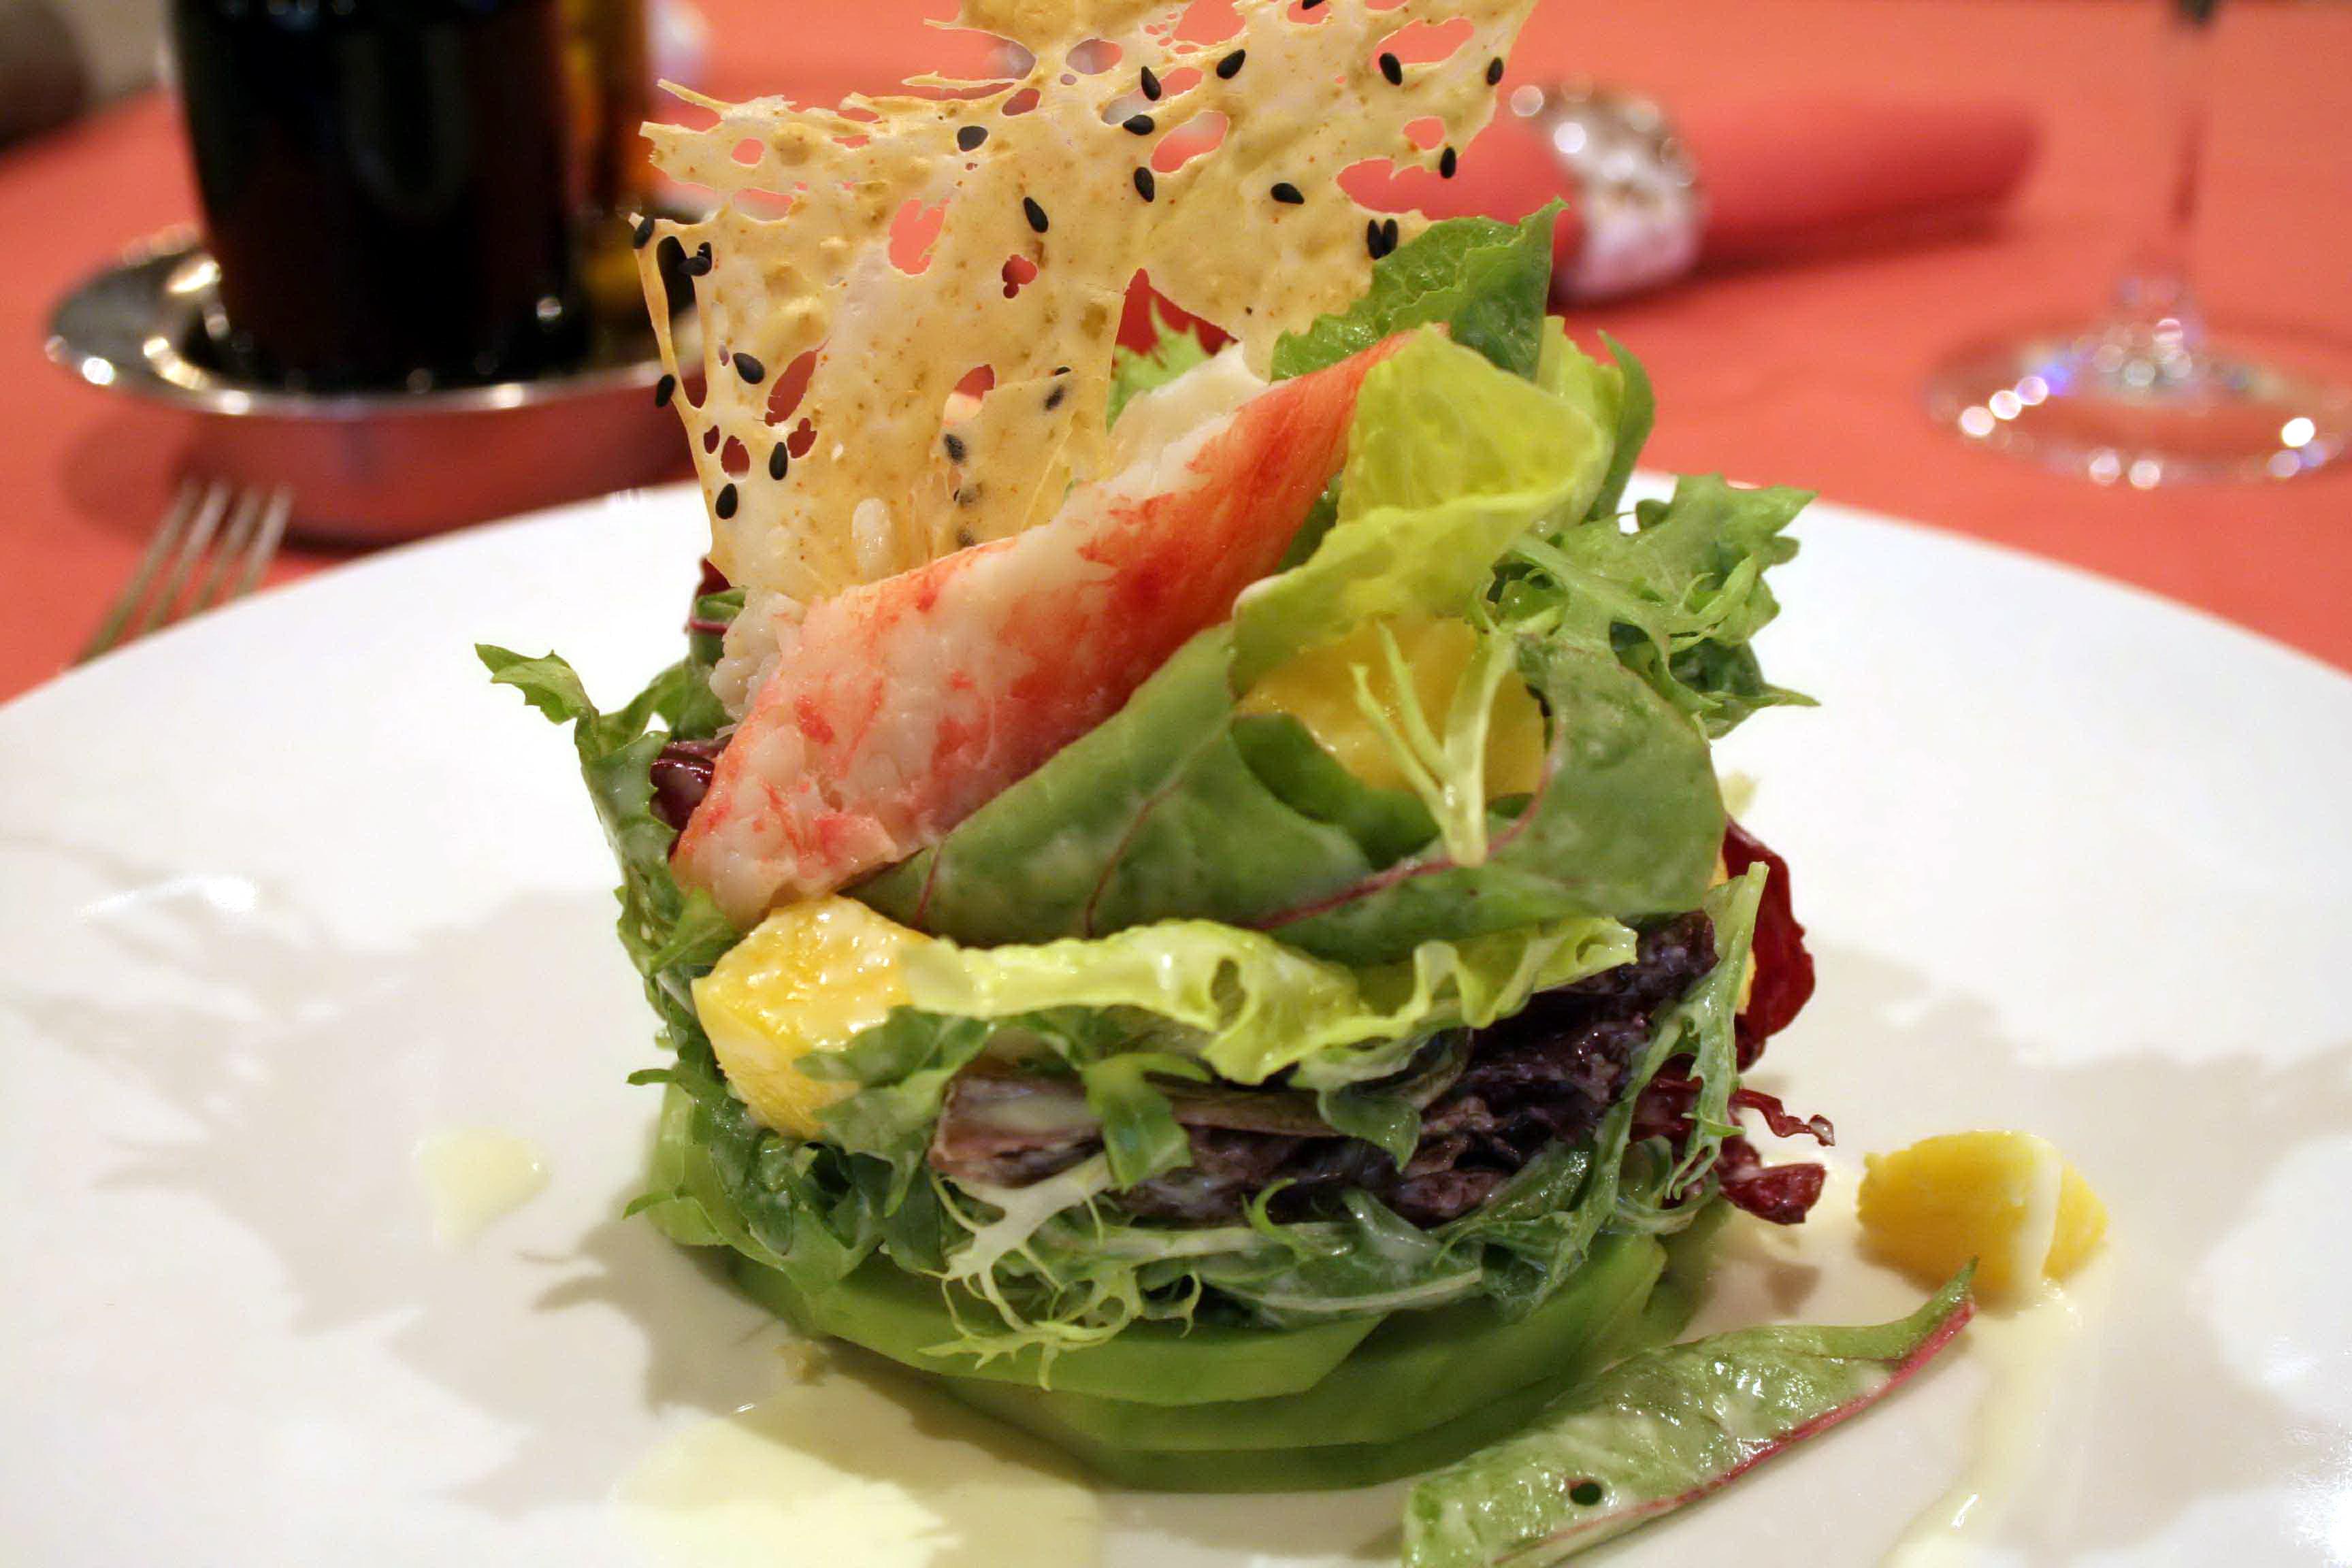 Фото салаатов в ресторане 28 фотография